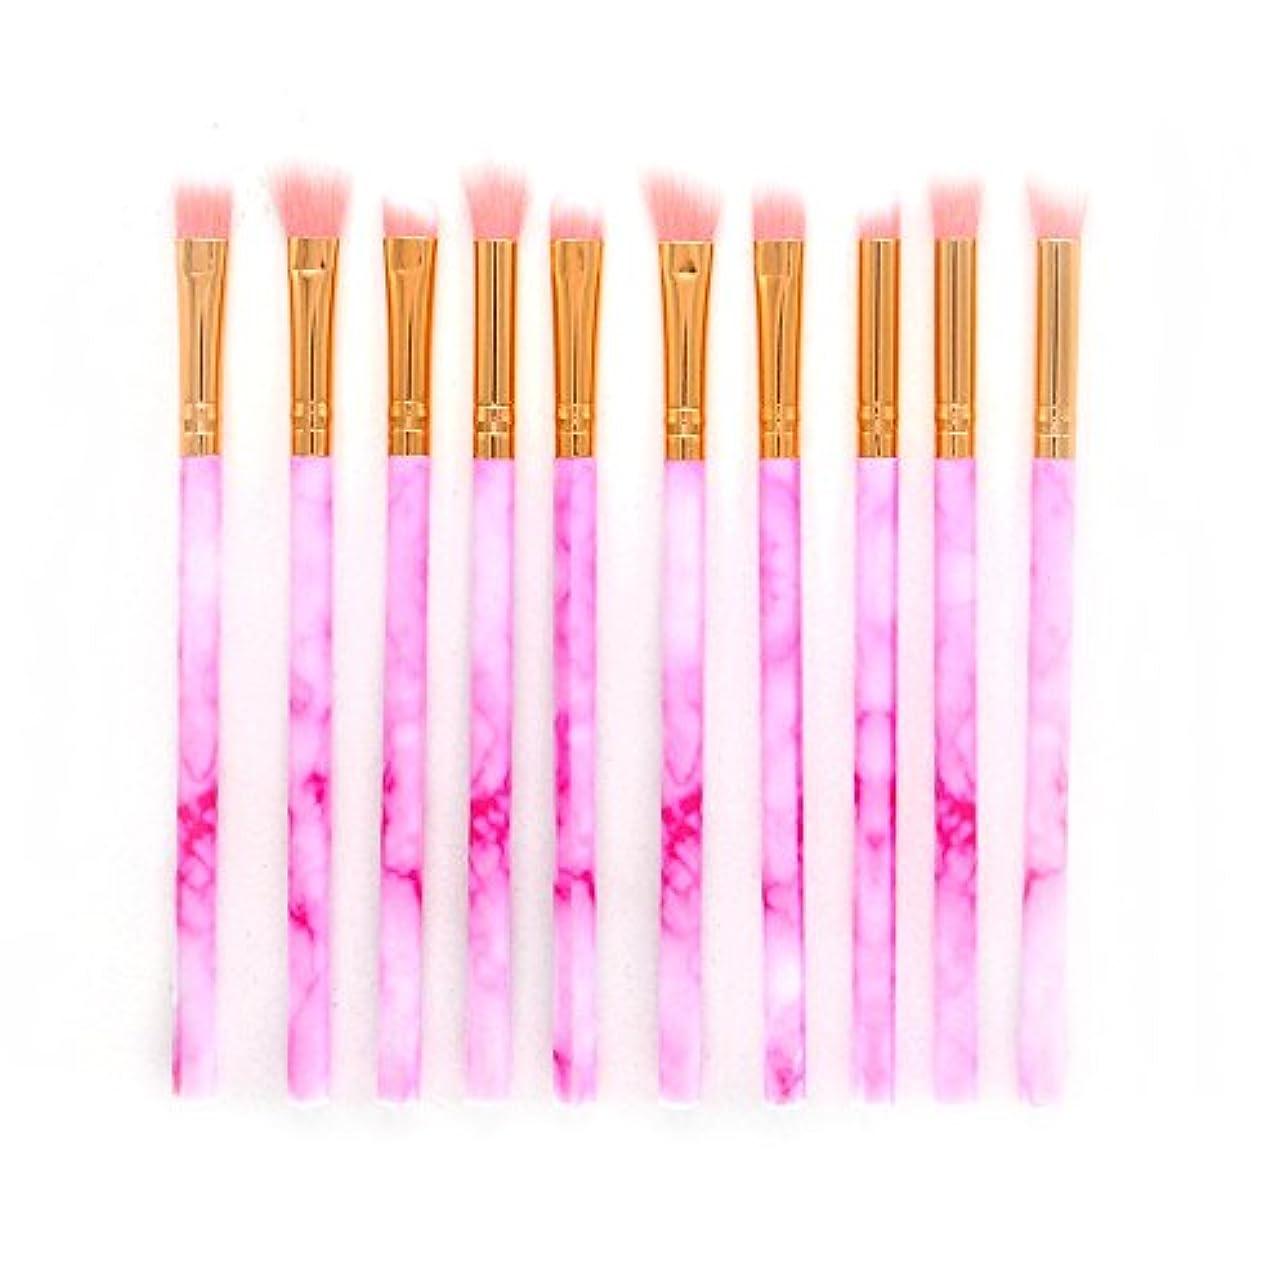 ほとんどの場合抵抗力がある綺麗な笑え熊 化粧筆 メイク 筆 限定版 アイシャドーブラシ 10本セット 化粧ブラシ おしゃれ 日常の化粧 集まる化粧